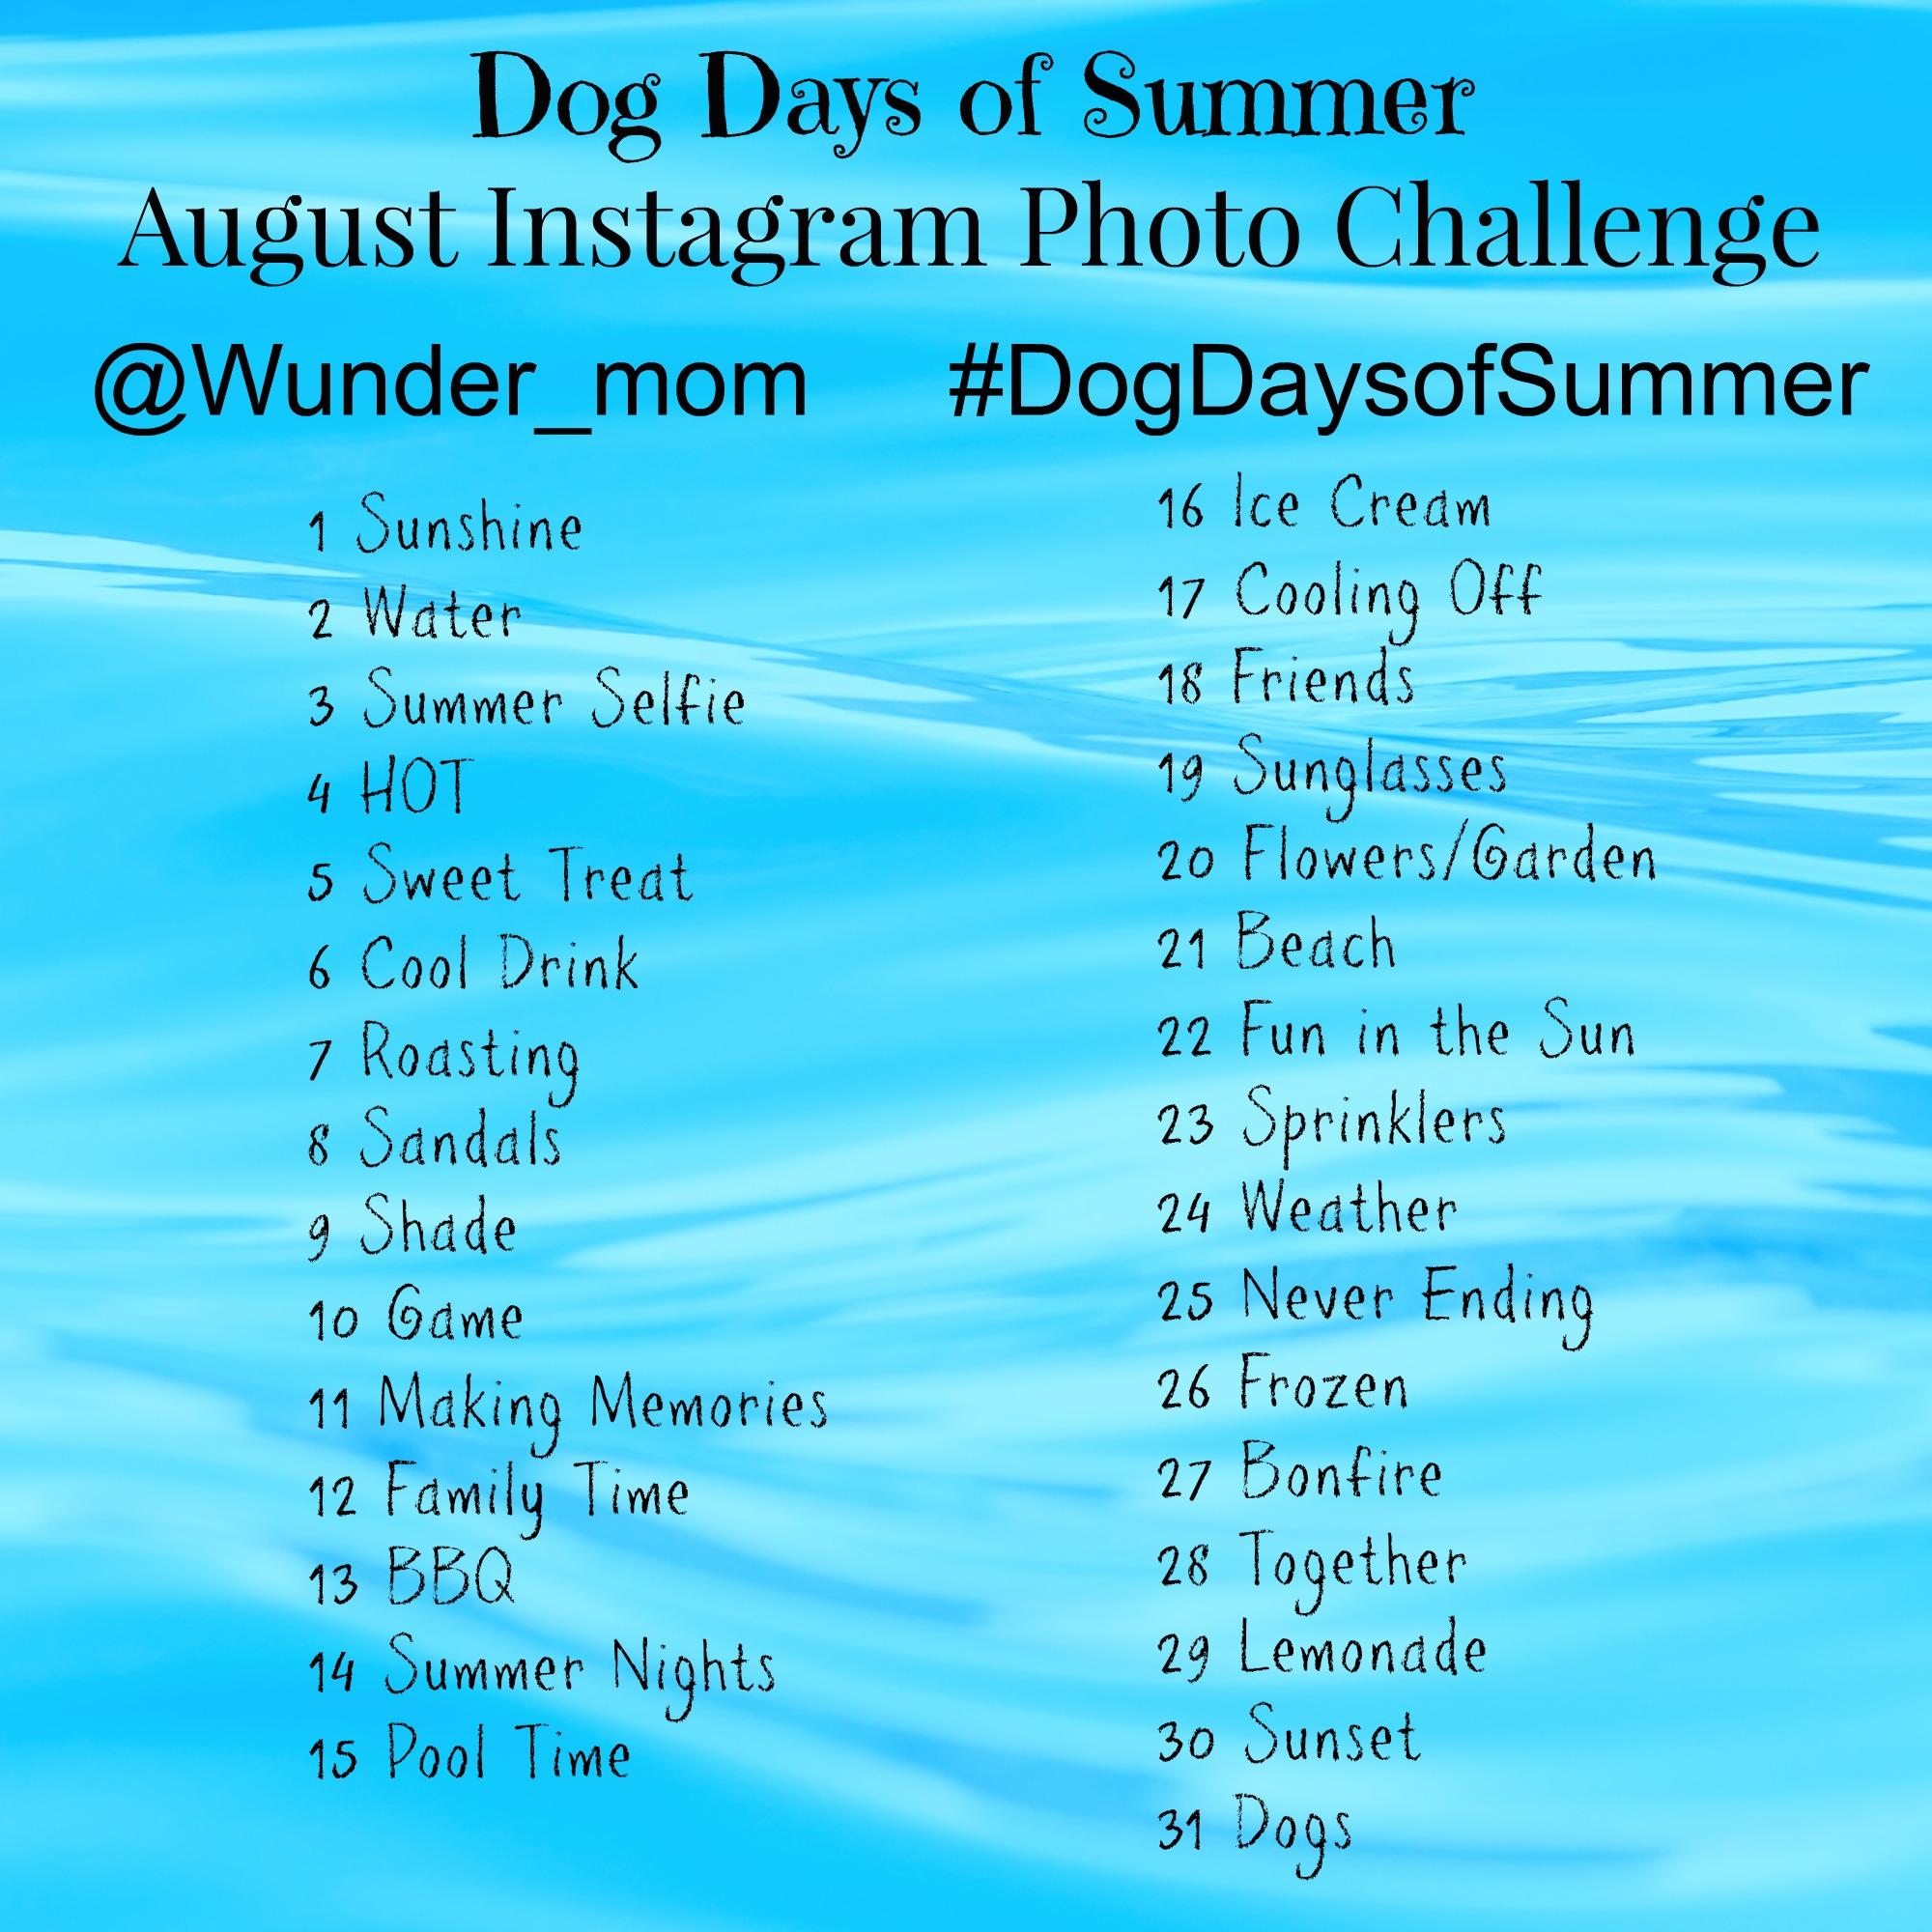 August Instagram Photo Challenge~ Dog Days of Summer